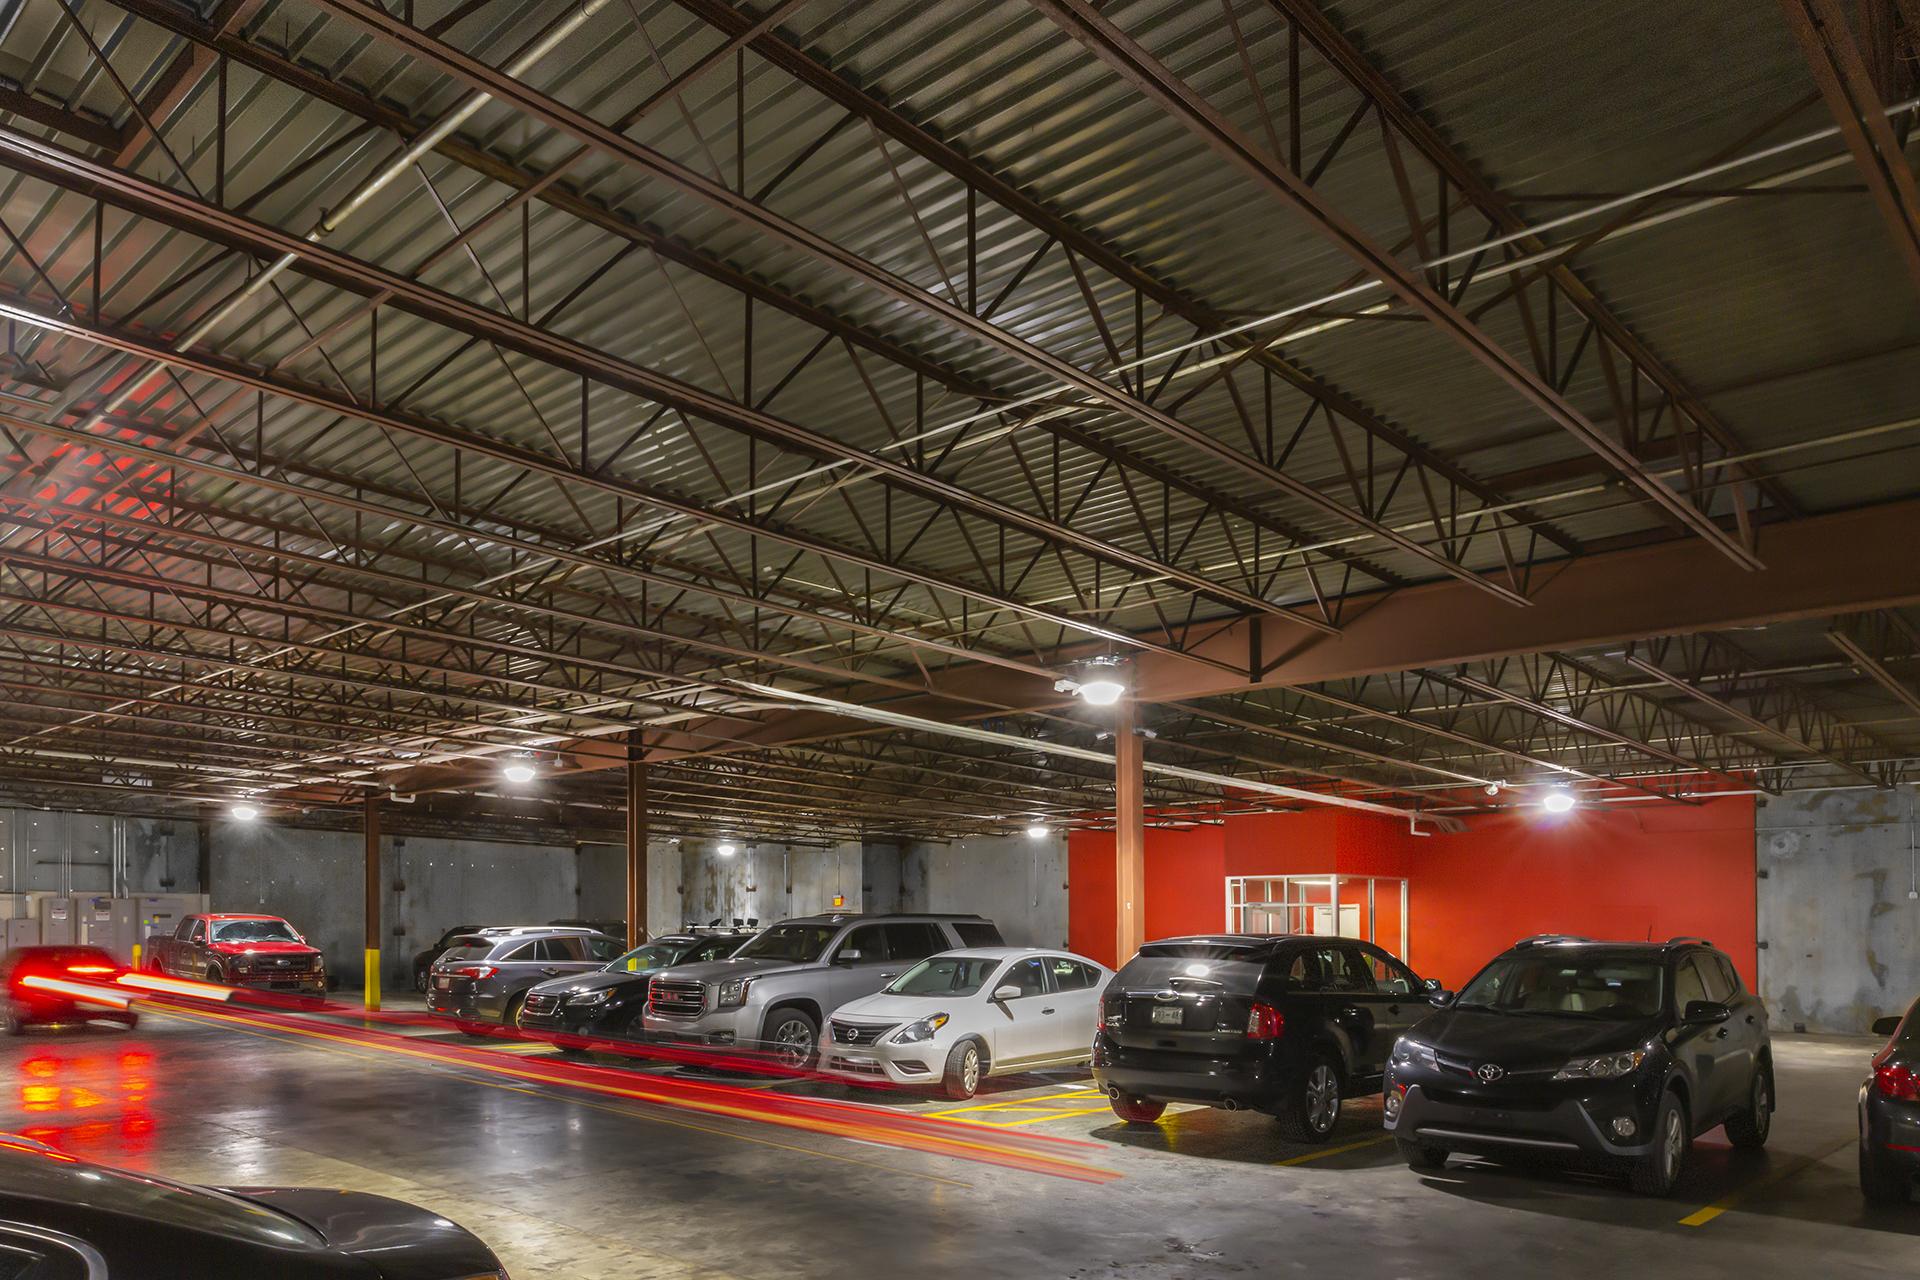 16056_Oden_Parking Garage_Web.jpg